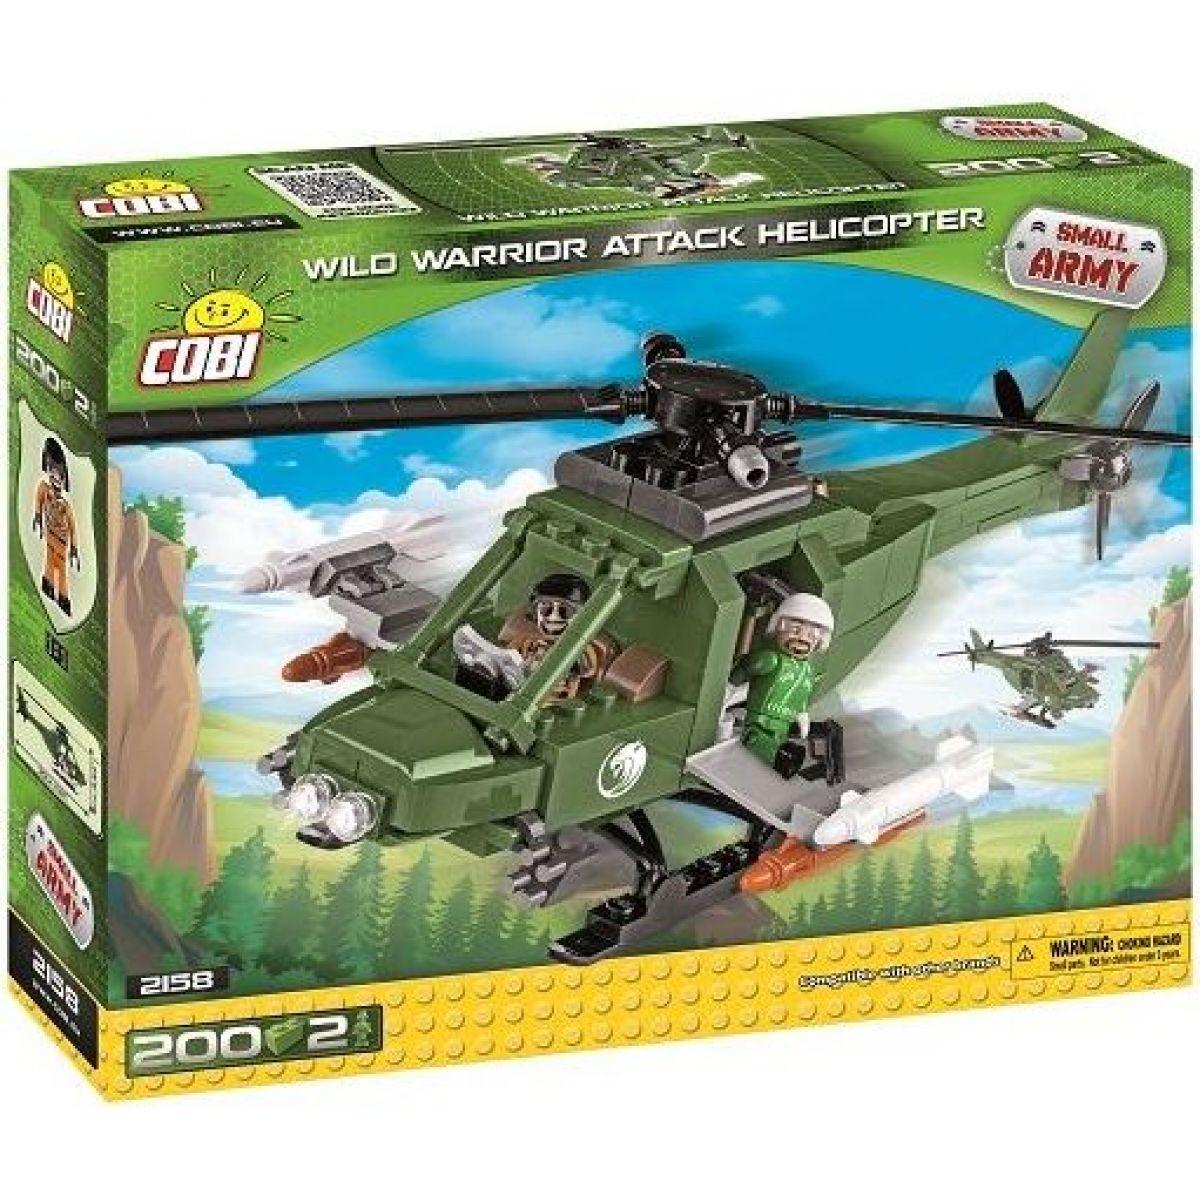 COBI 2158 Small Army Útočná helikoptéra Wild Warrior, 200 k, 2 f